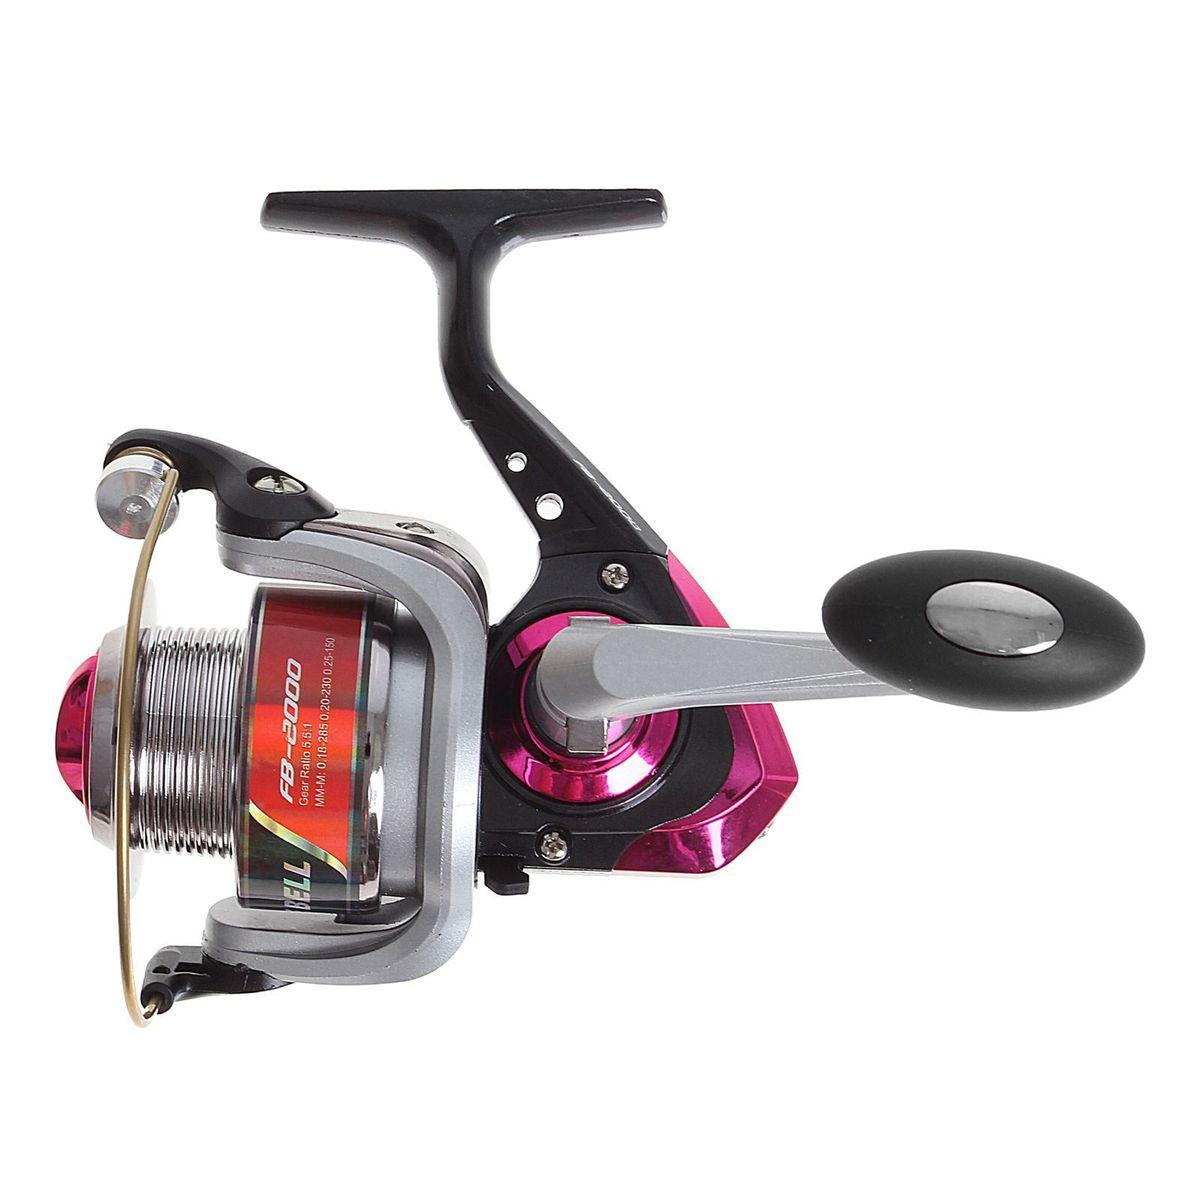 Катушка безынерционная Onlitop 1BB FB 2000, цвет: красный, 1 подшипник1233156Катушка 1BB FB 2000, это универсальная модель «эконом»-класса для разных условий рыбалки, отличный выбор для начинающих рыболовов.